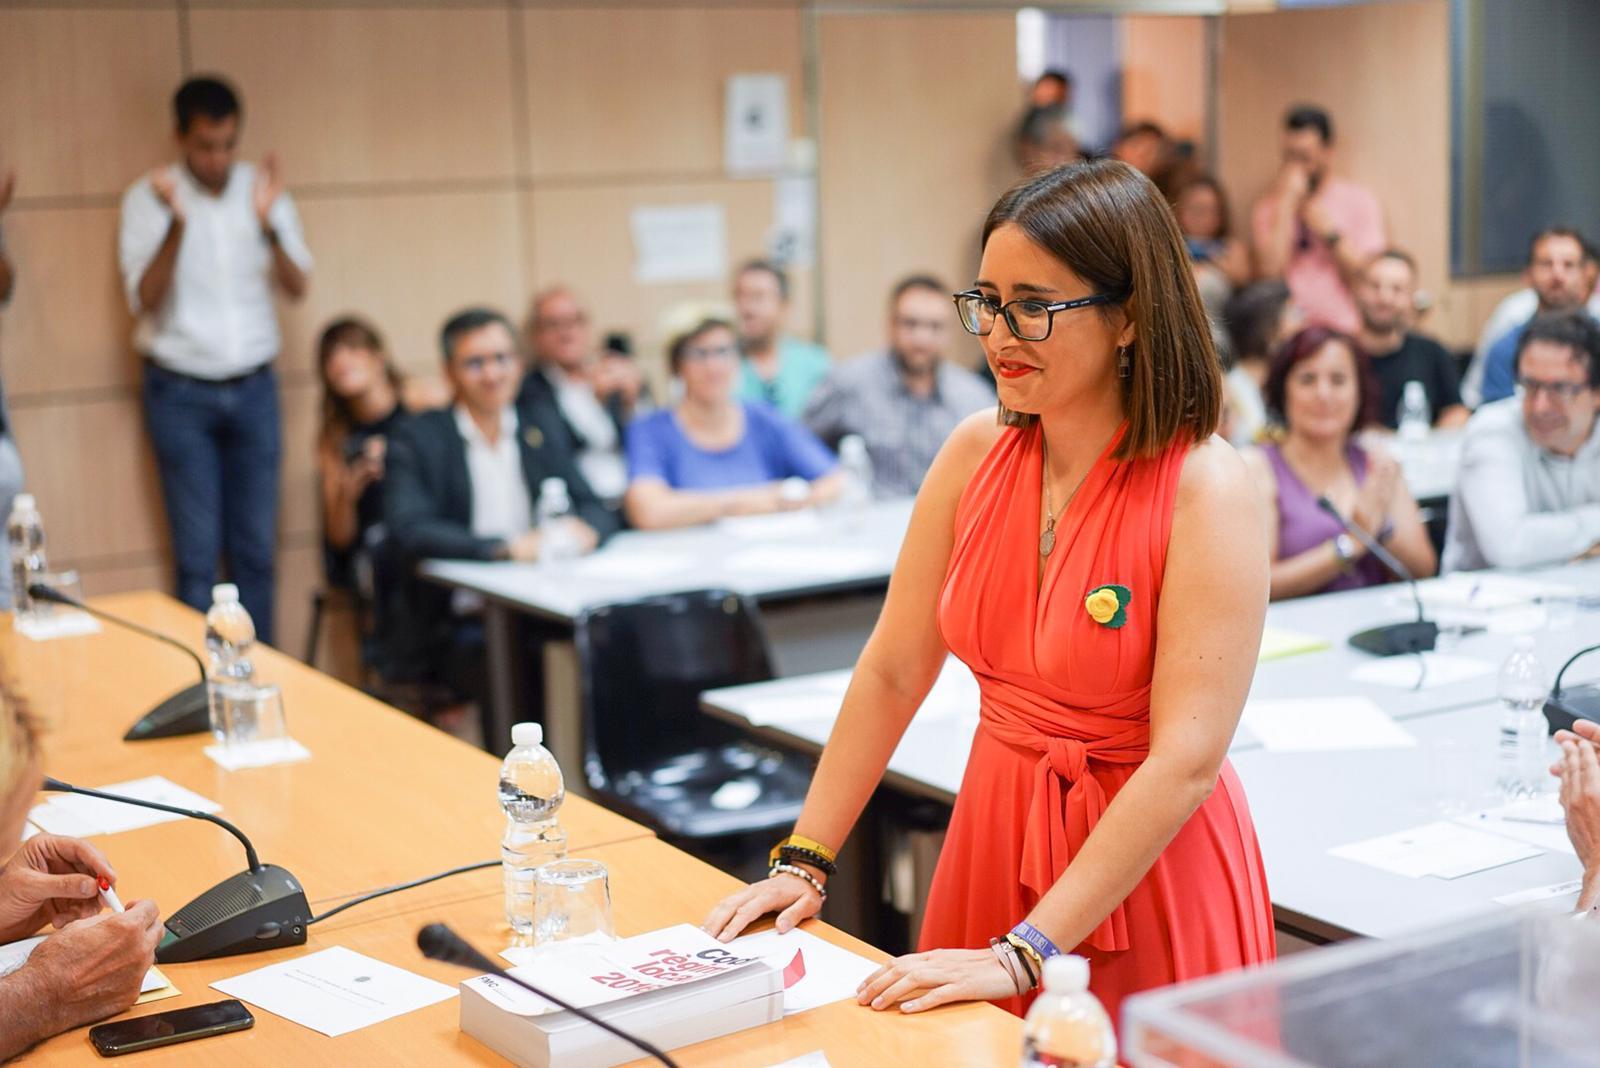 Estefania Torrente i Guerrero, nova presidenta del Consell Comarcal del Bages